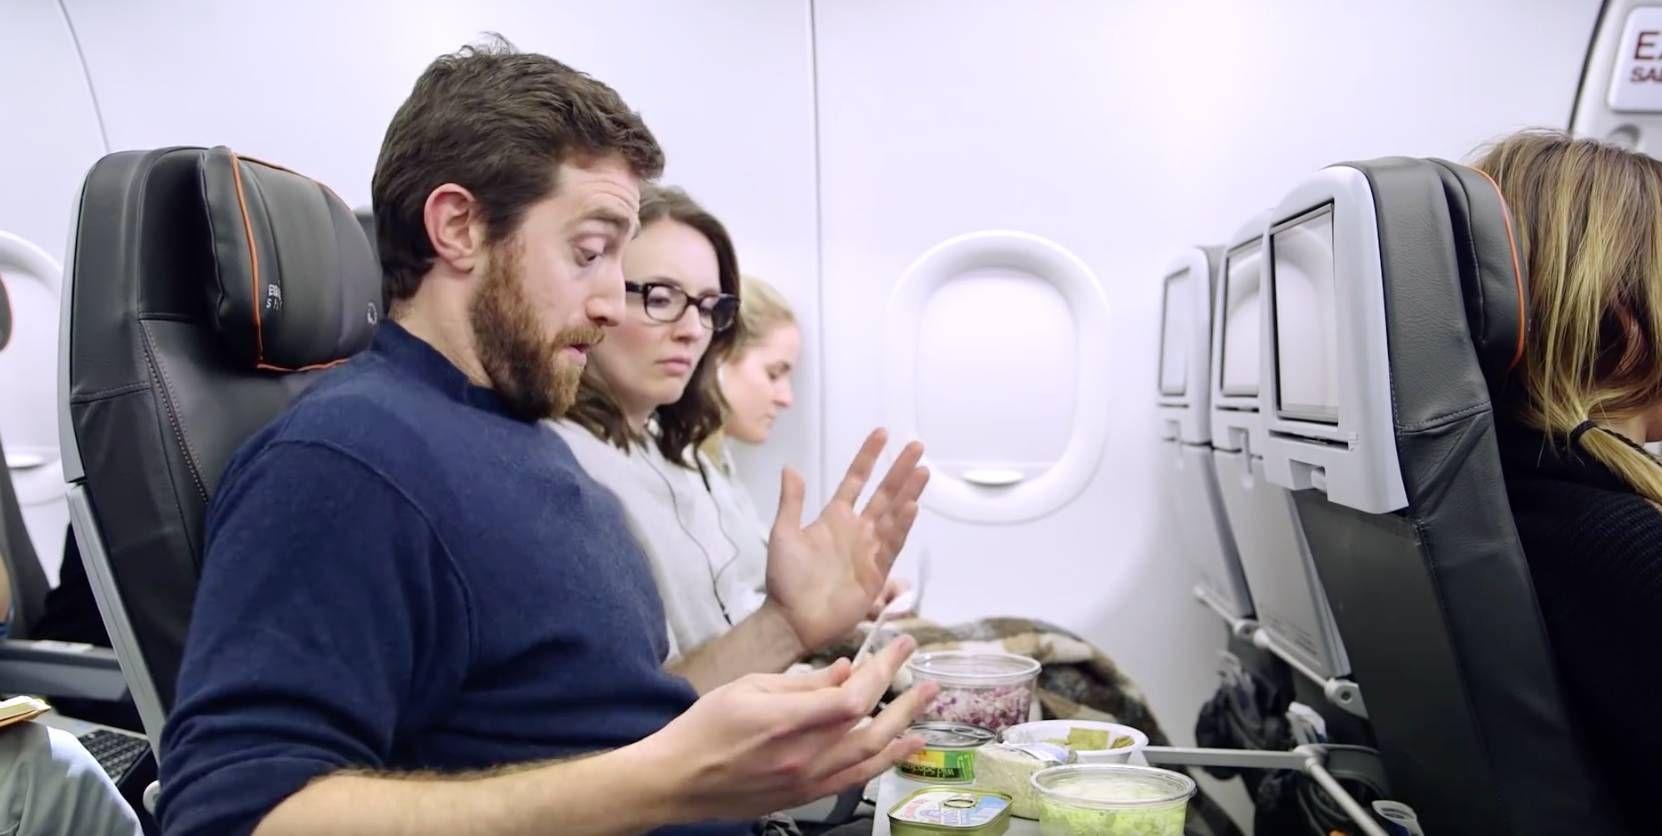 Etiqueta para voar – Dicas de como se comportar durante sua viagem